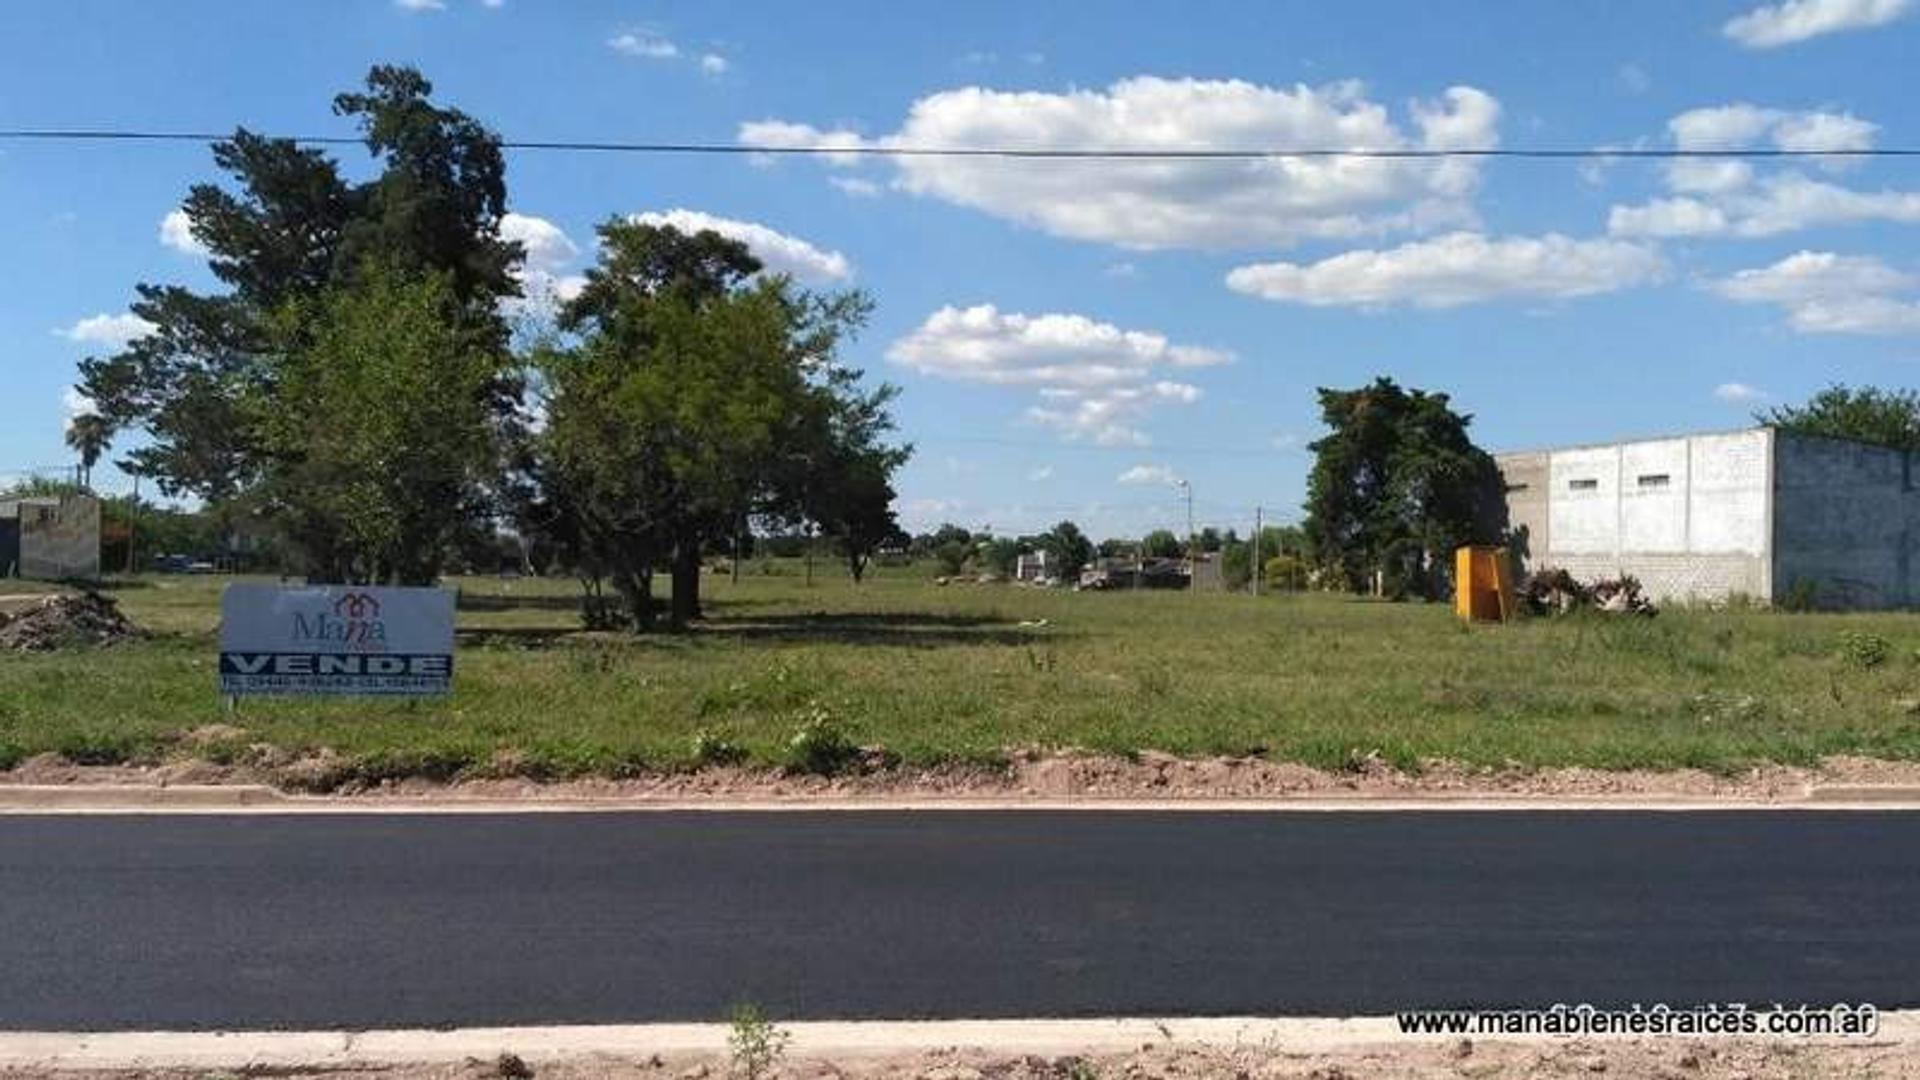 Espectaculares lotes en zona Norte de Gualeguaychu a tan solo 10 cuadras del centro de Gualeguaychu